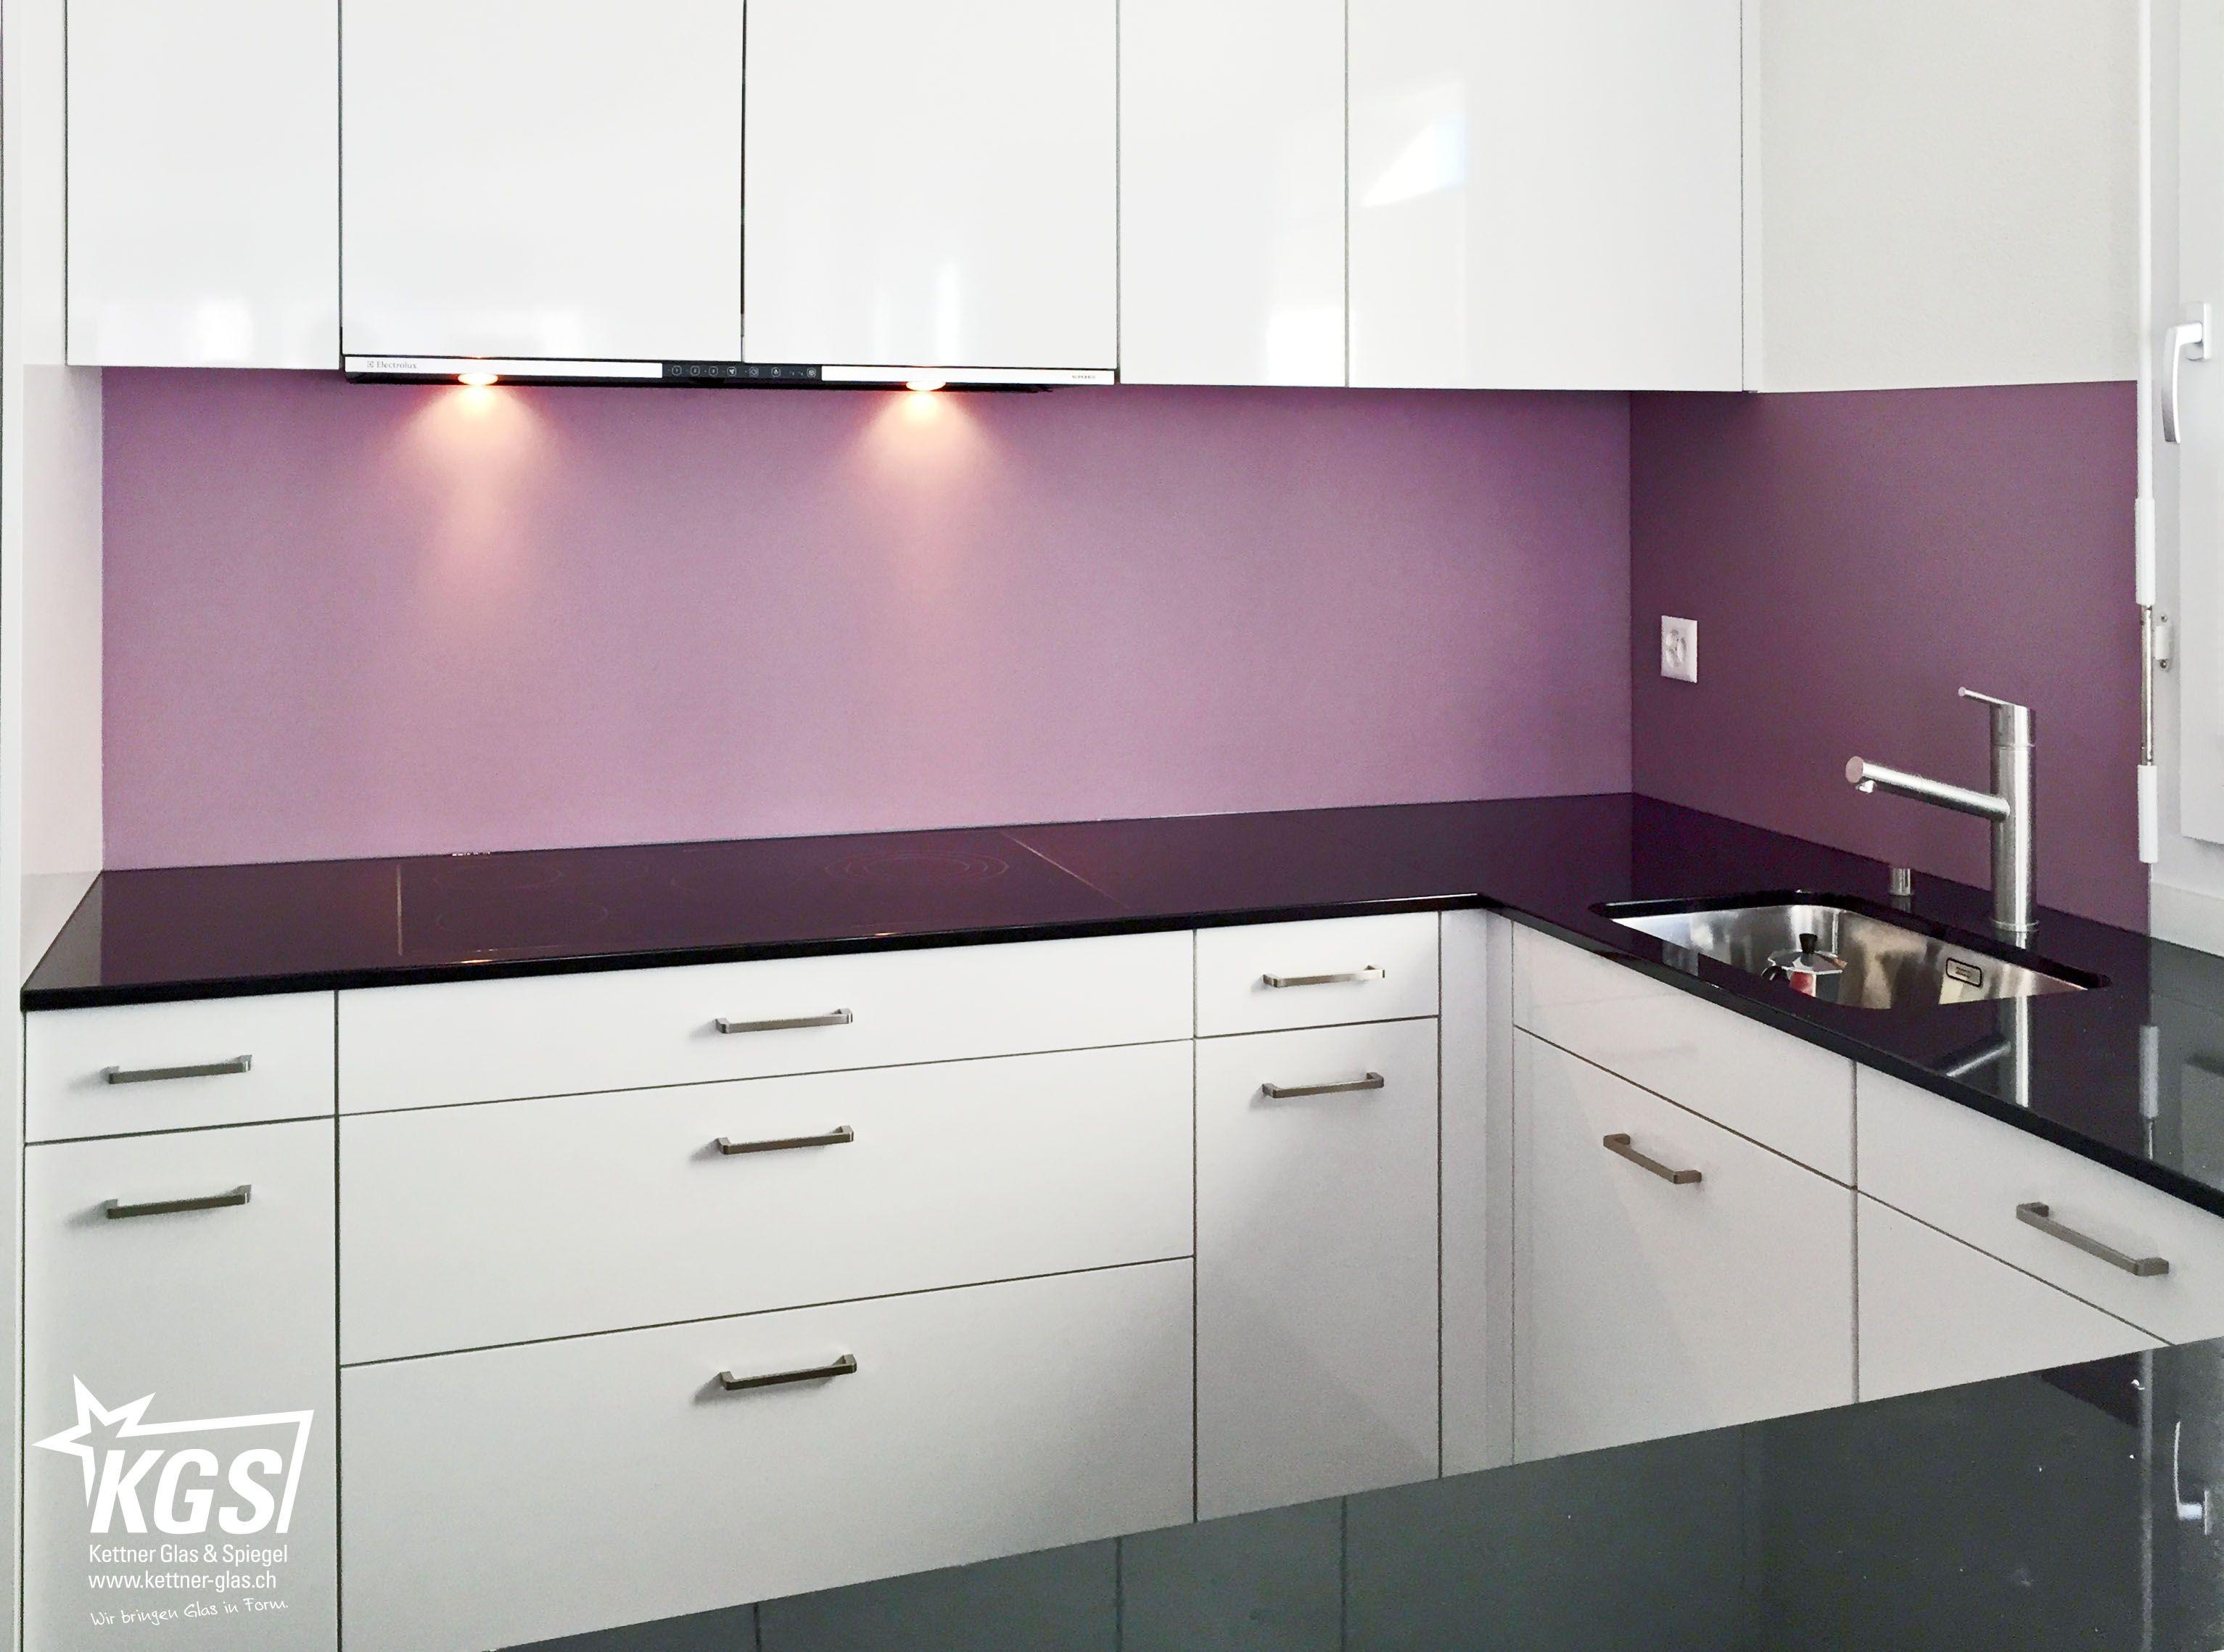 Satinato Glas Kuchenruckwand In Ral4009 Von Ihrer Glaserei Violett Oder Lila Ist Eine Mischung Aus Rot Und Bla Kuchenruckwand Kuche Kuchen Ruckwand